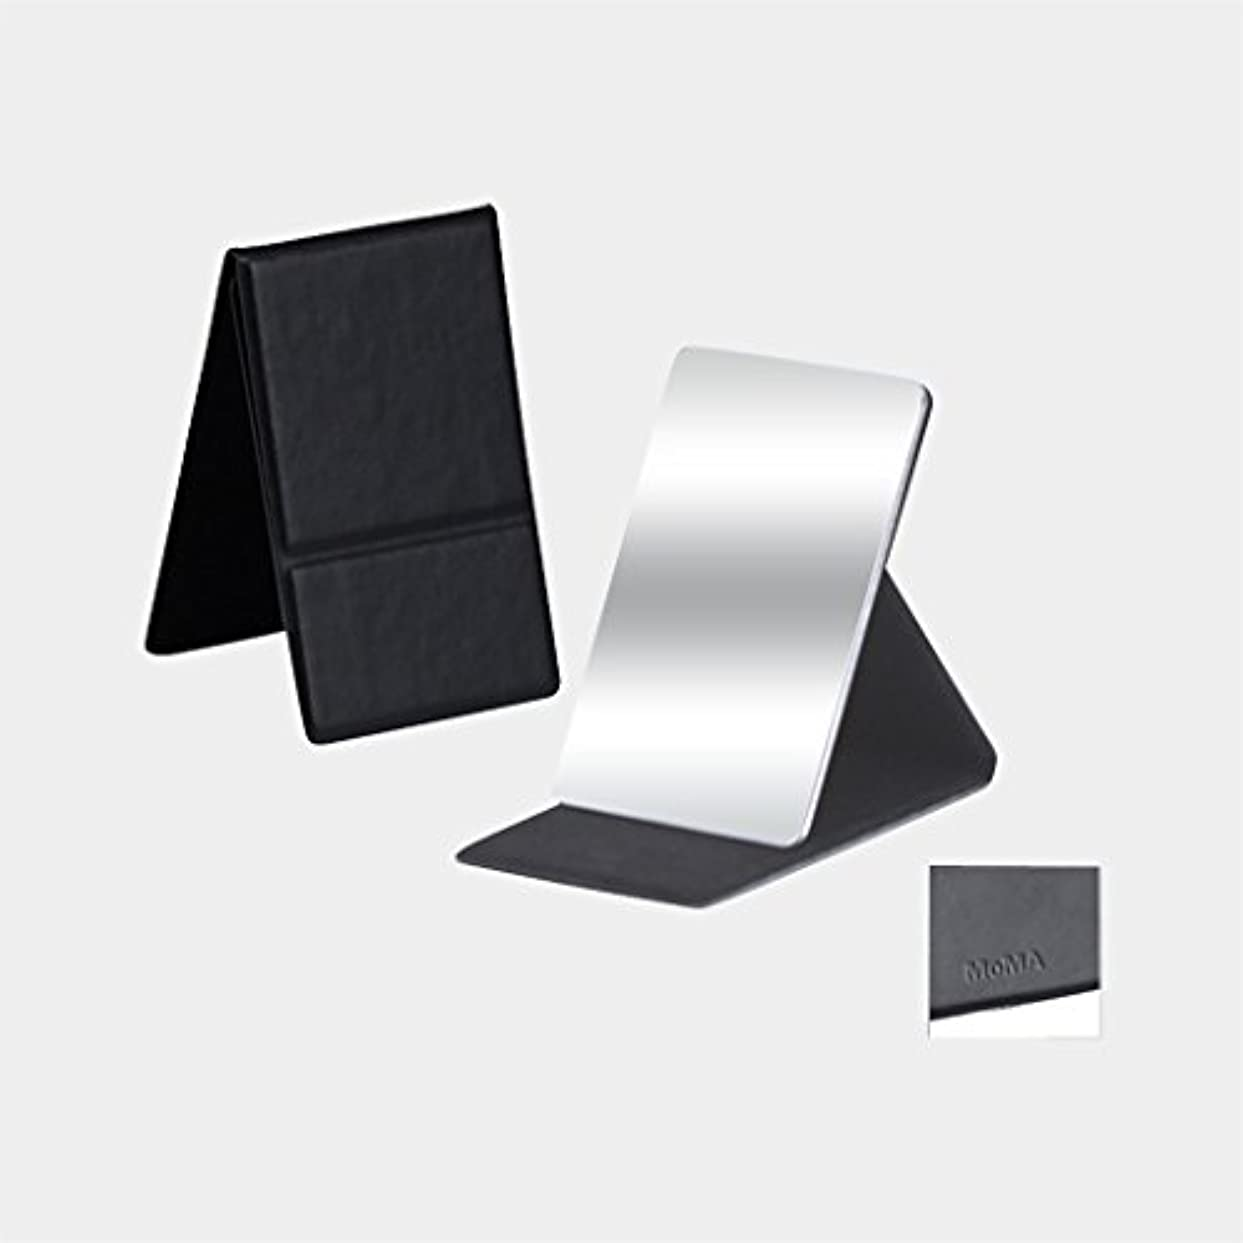 アルバムネブレベルMoMA ステンレス コンパクトミラー ブラック